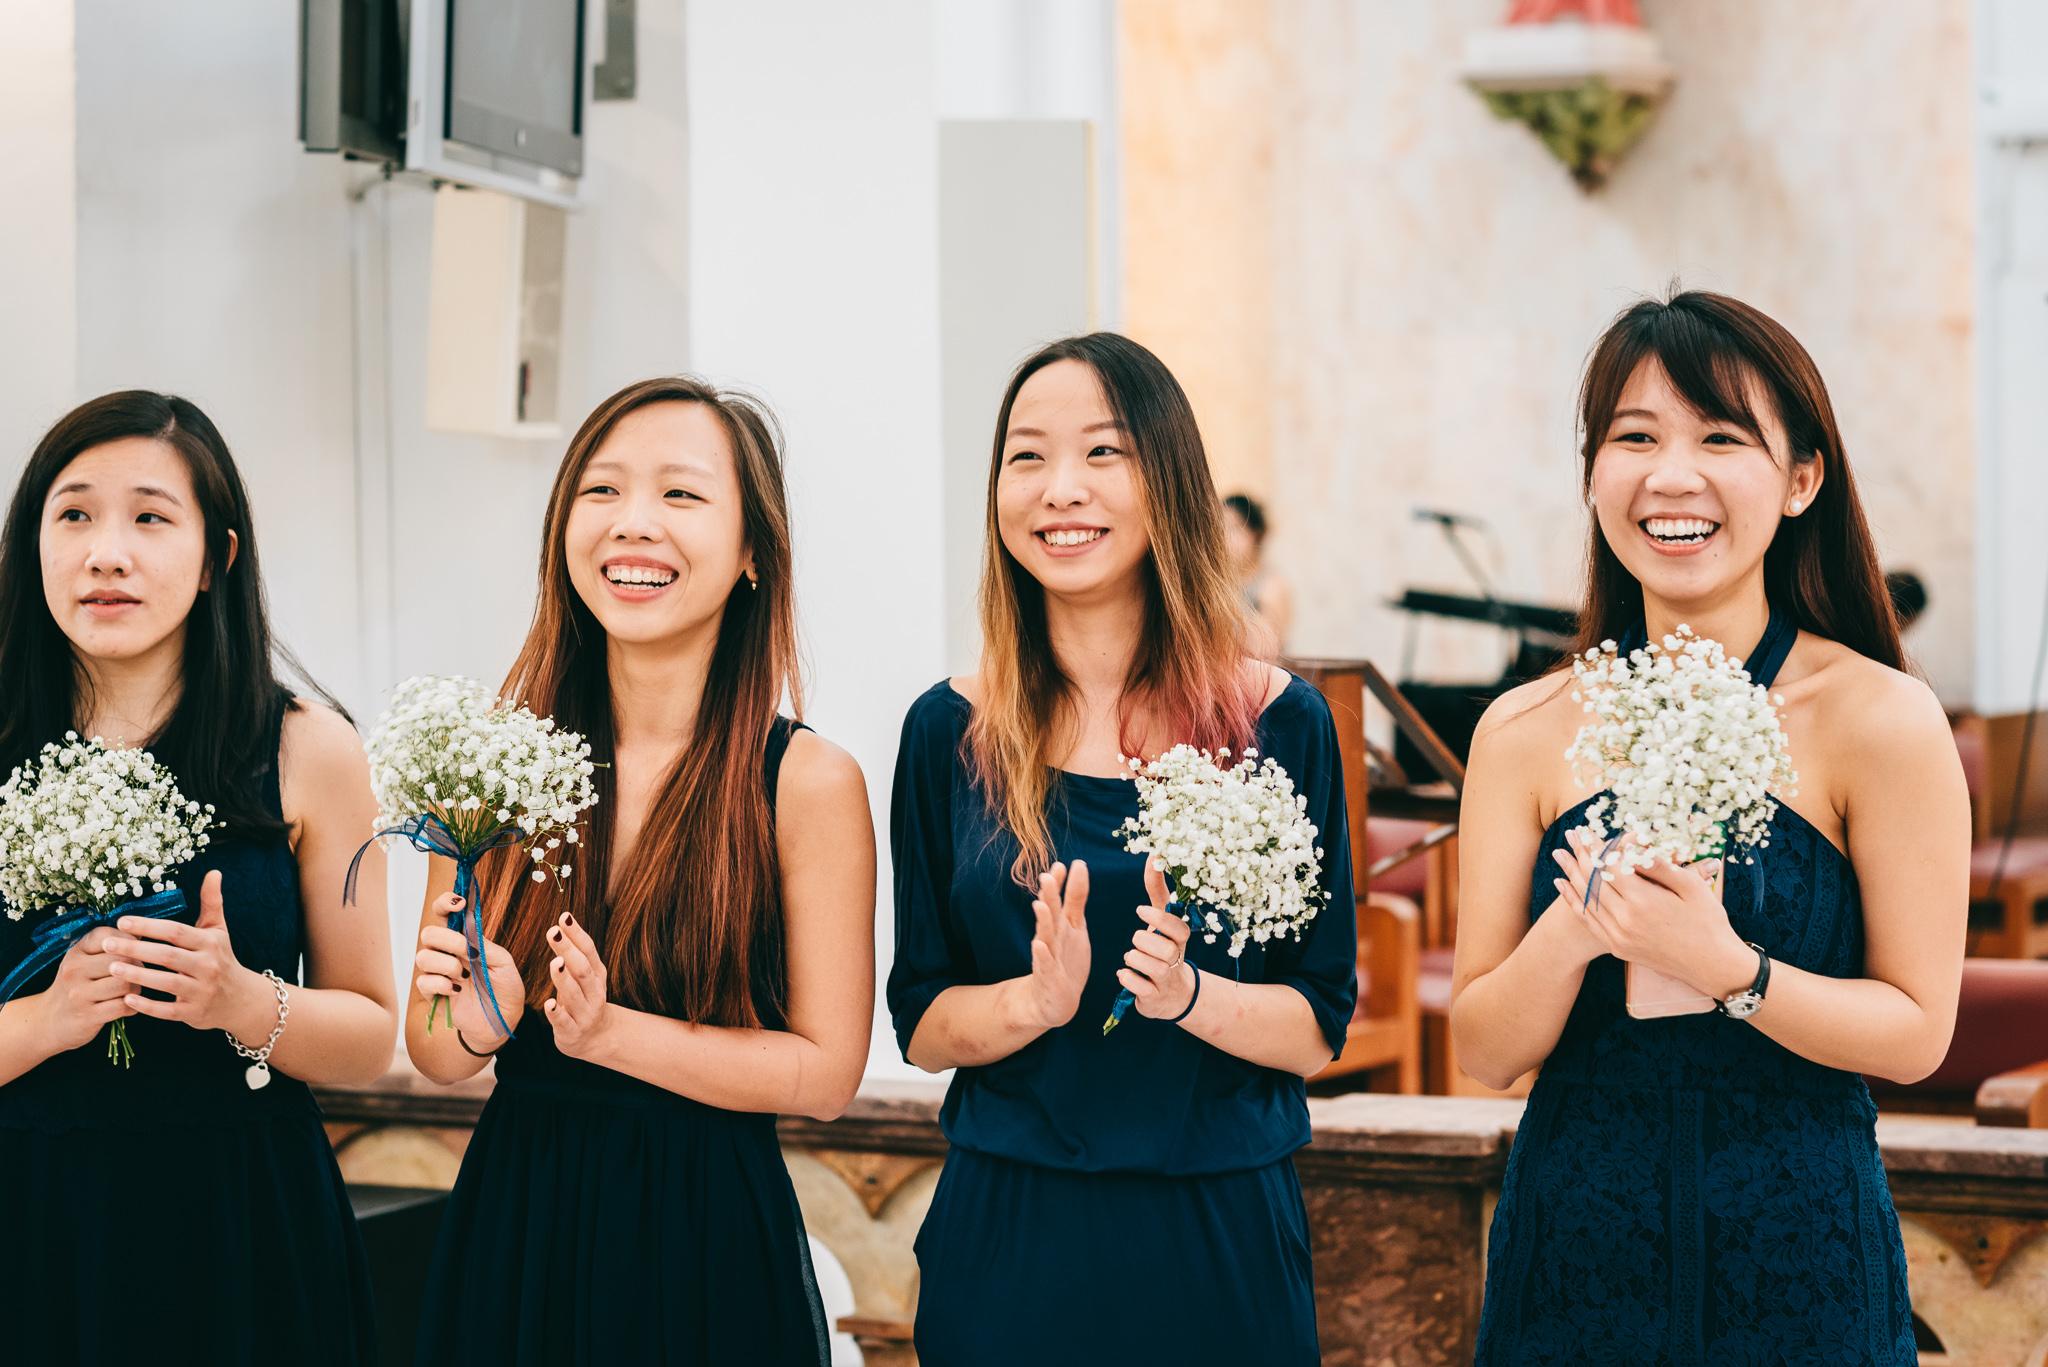 Lionel & Karen Wedding Day Highlights (resized for sharing) - 050.jpg